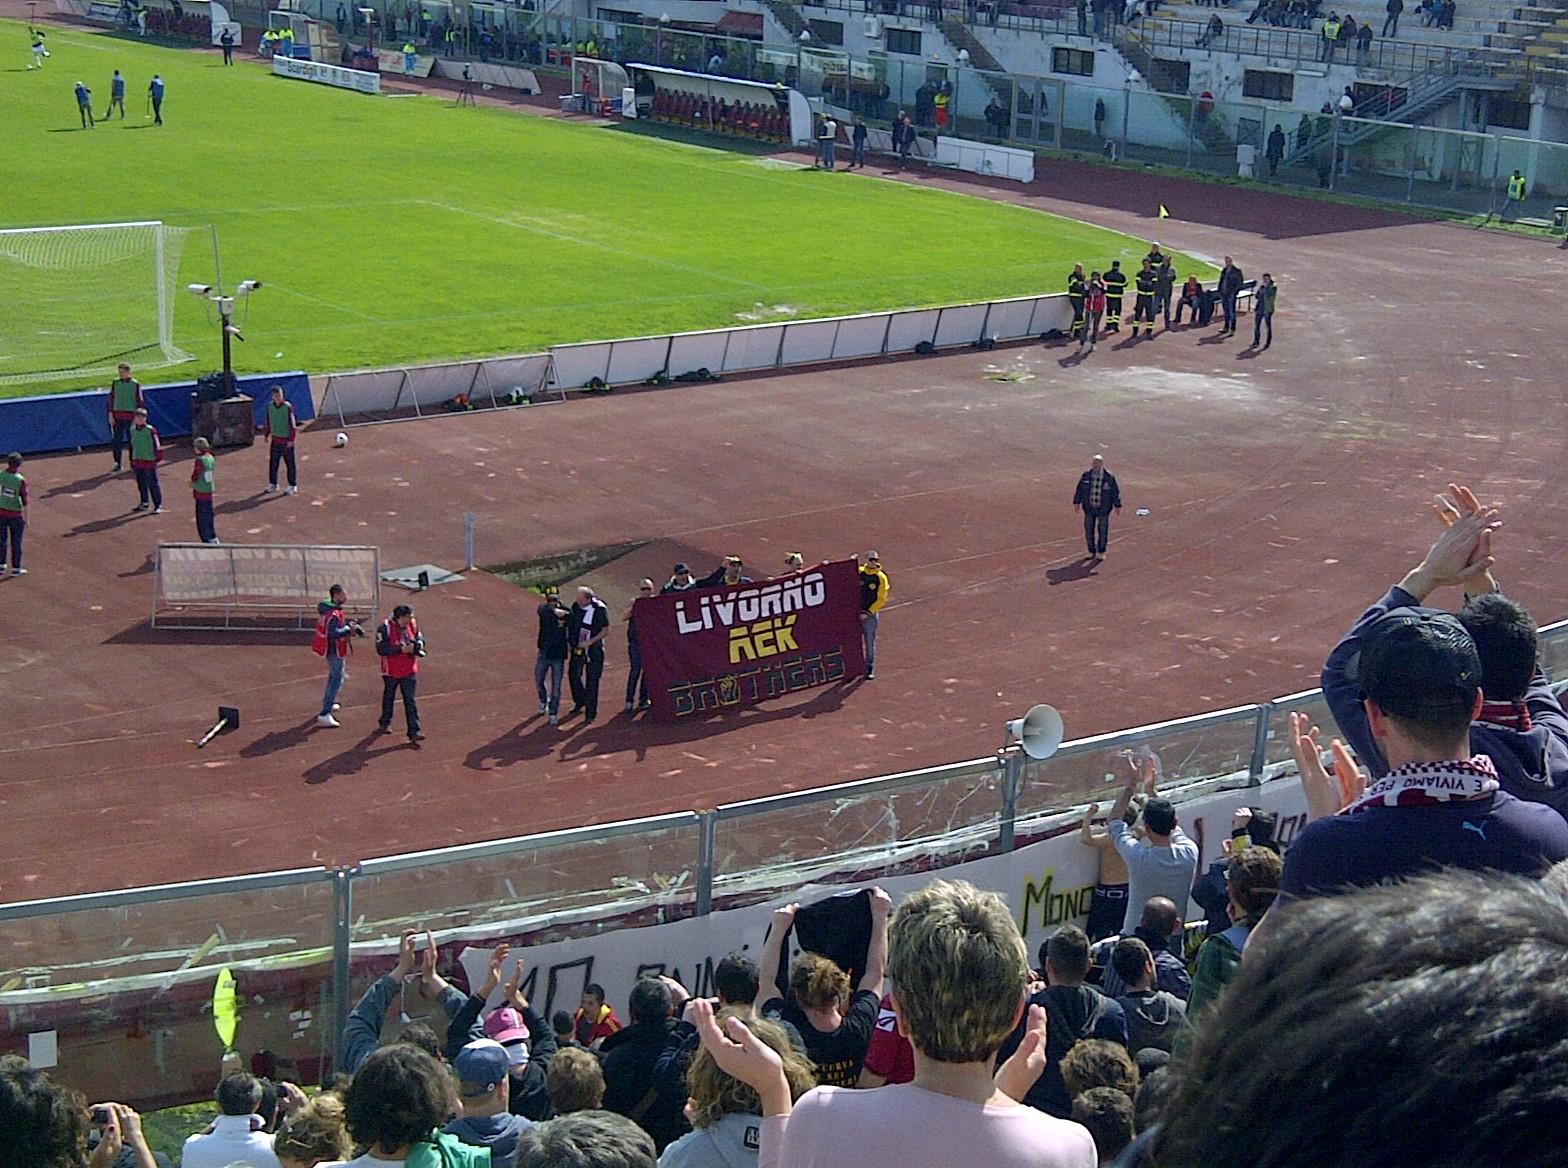 Livorno AEK